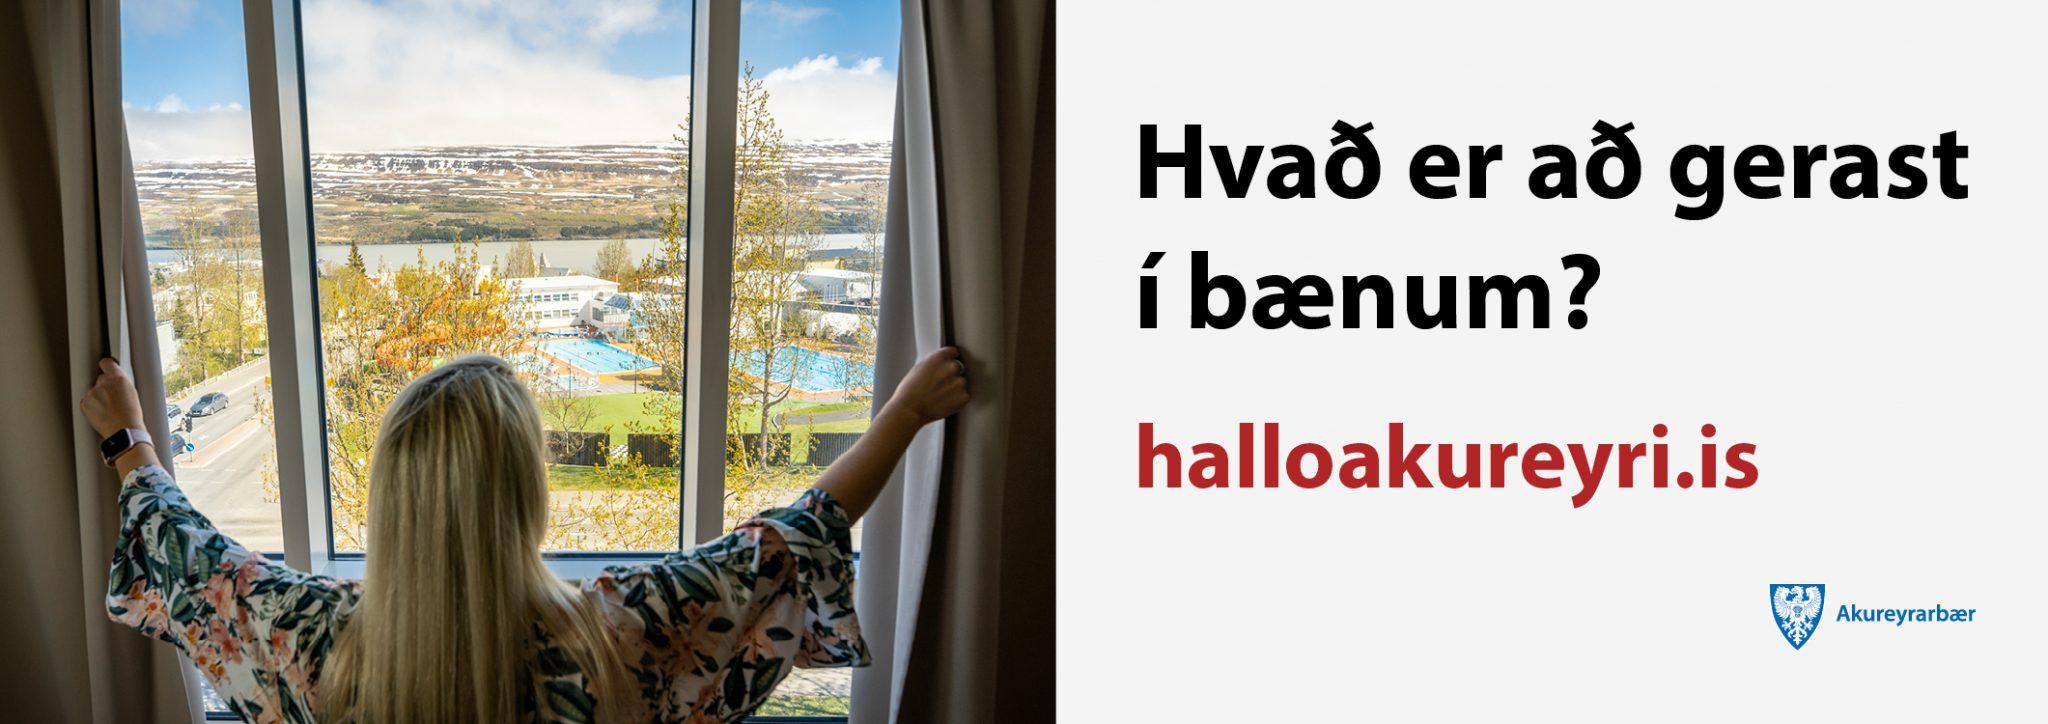 halloakureyri.is